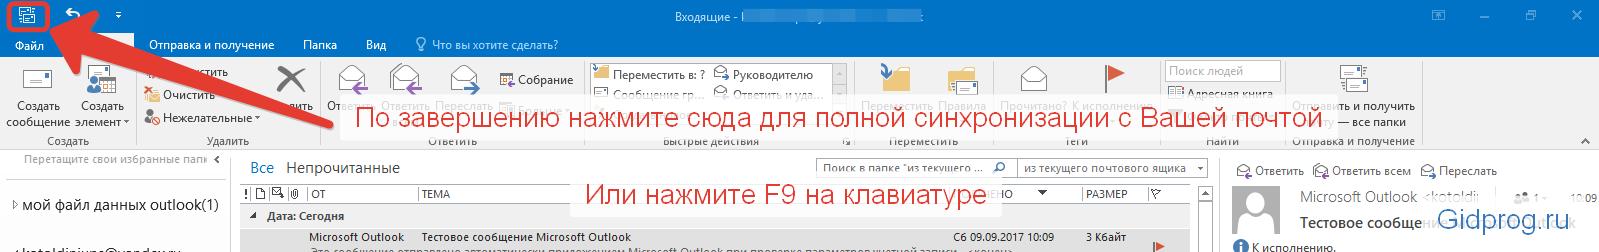 Синхронизация с почтой